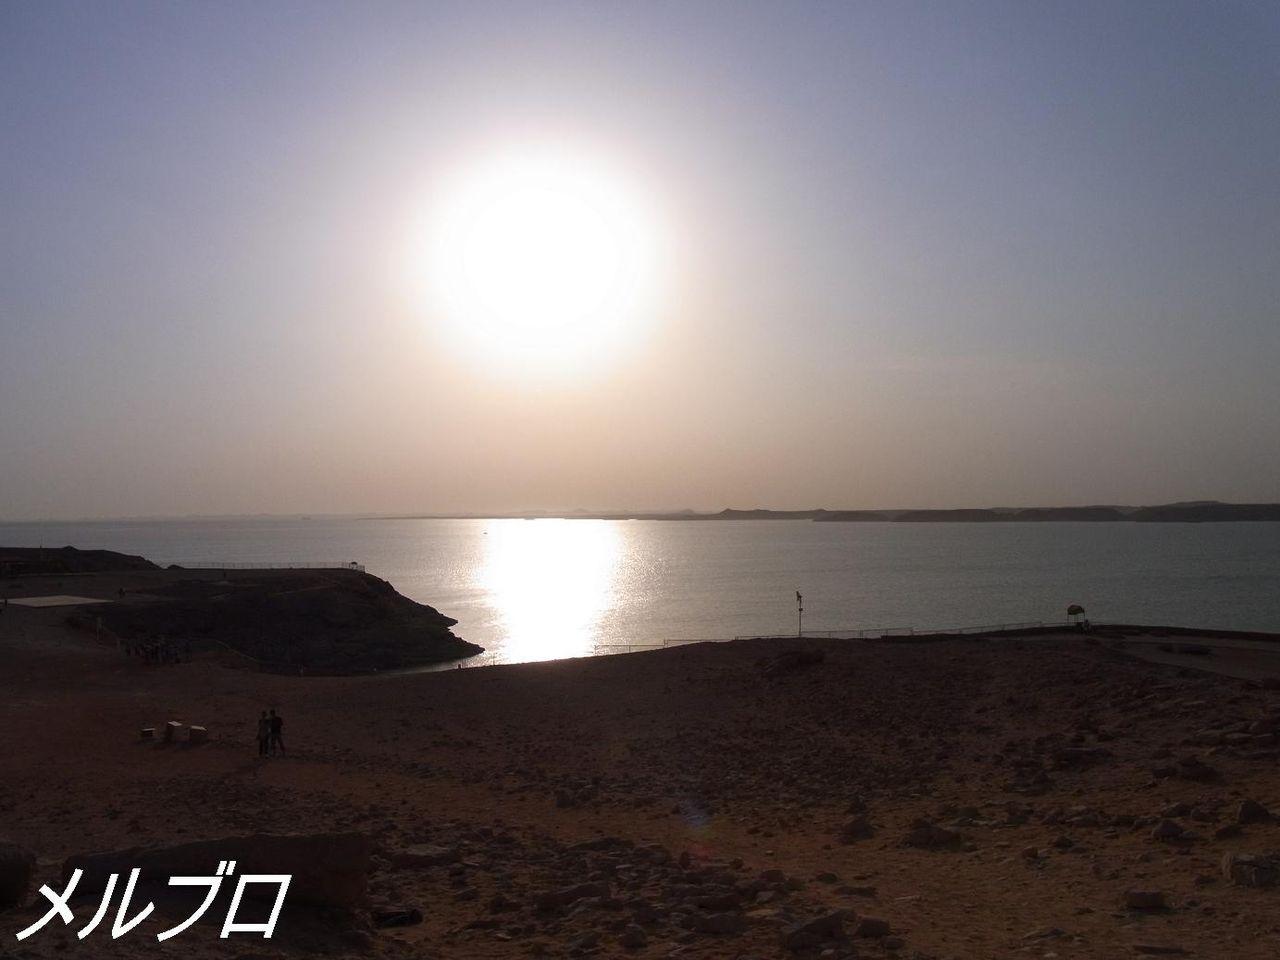 ナセル湖と太陽